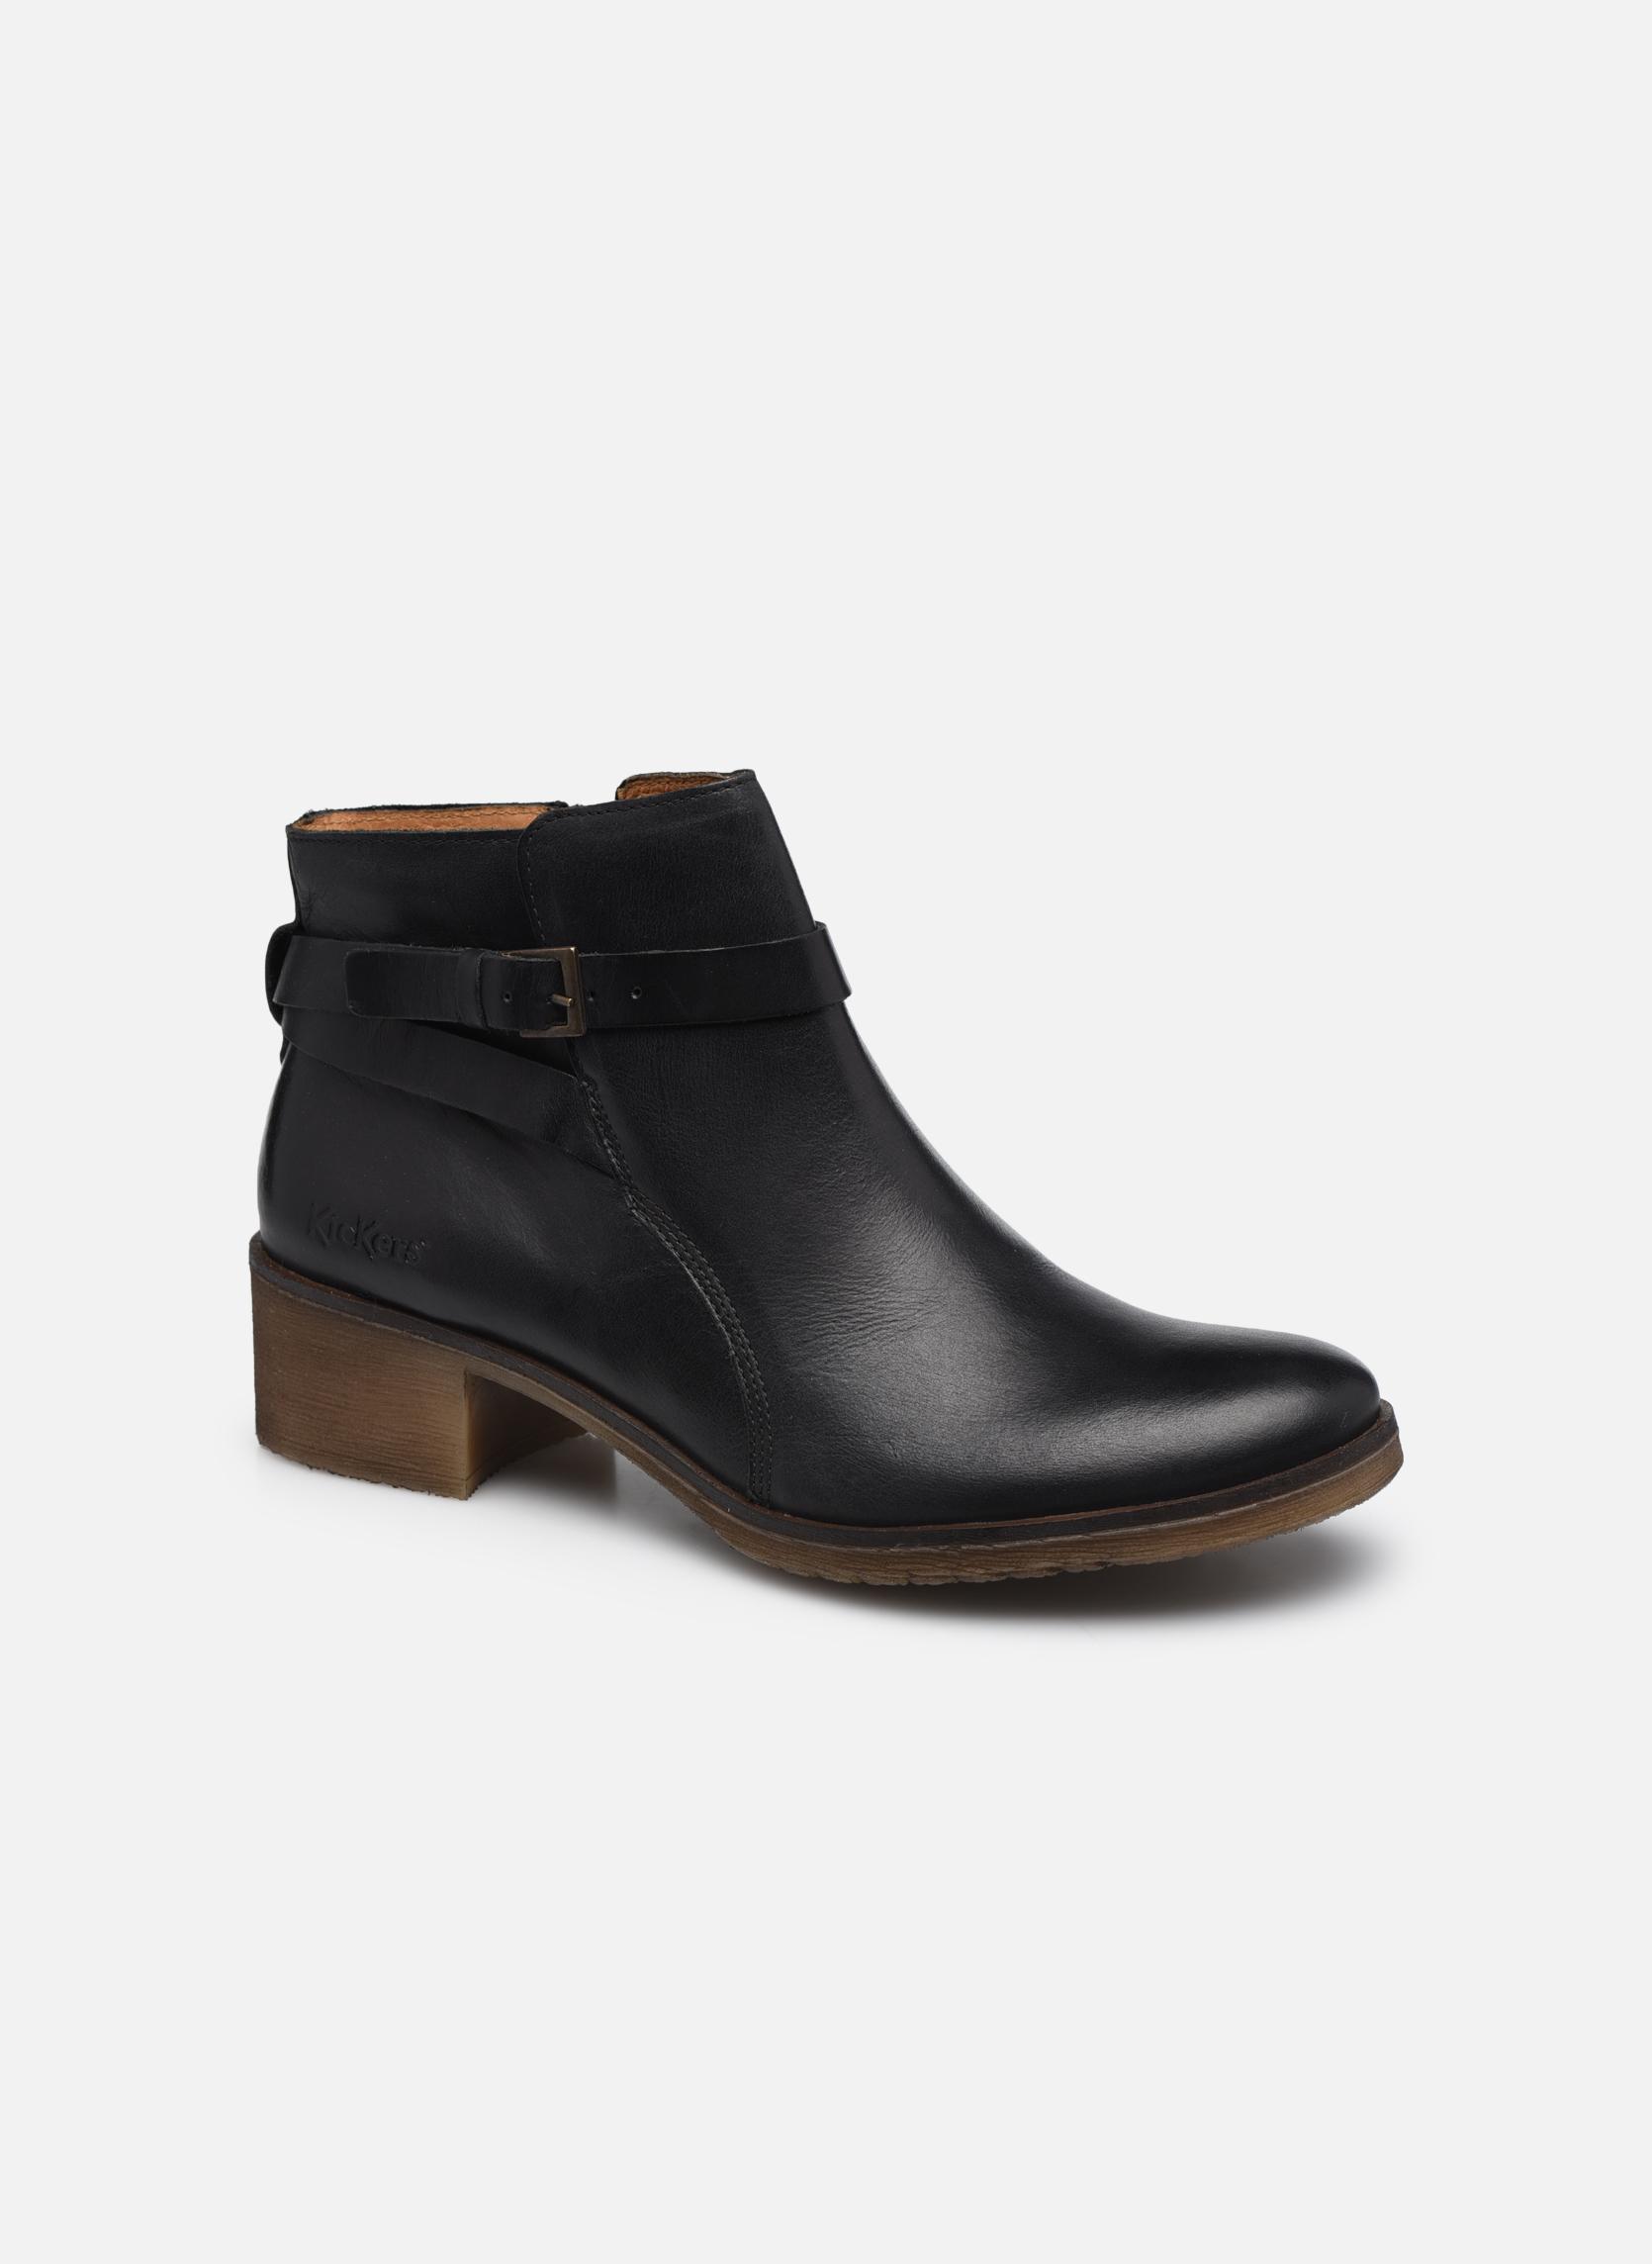 Bottines et boots Kickers Mila pour Femme Classique Sortie Jeu 2018 Acheter Pas Cher 100% D'origine VBlO9IKp8j